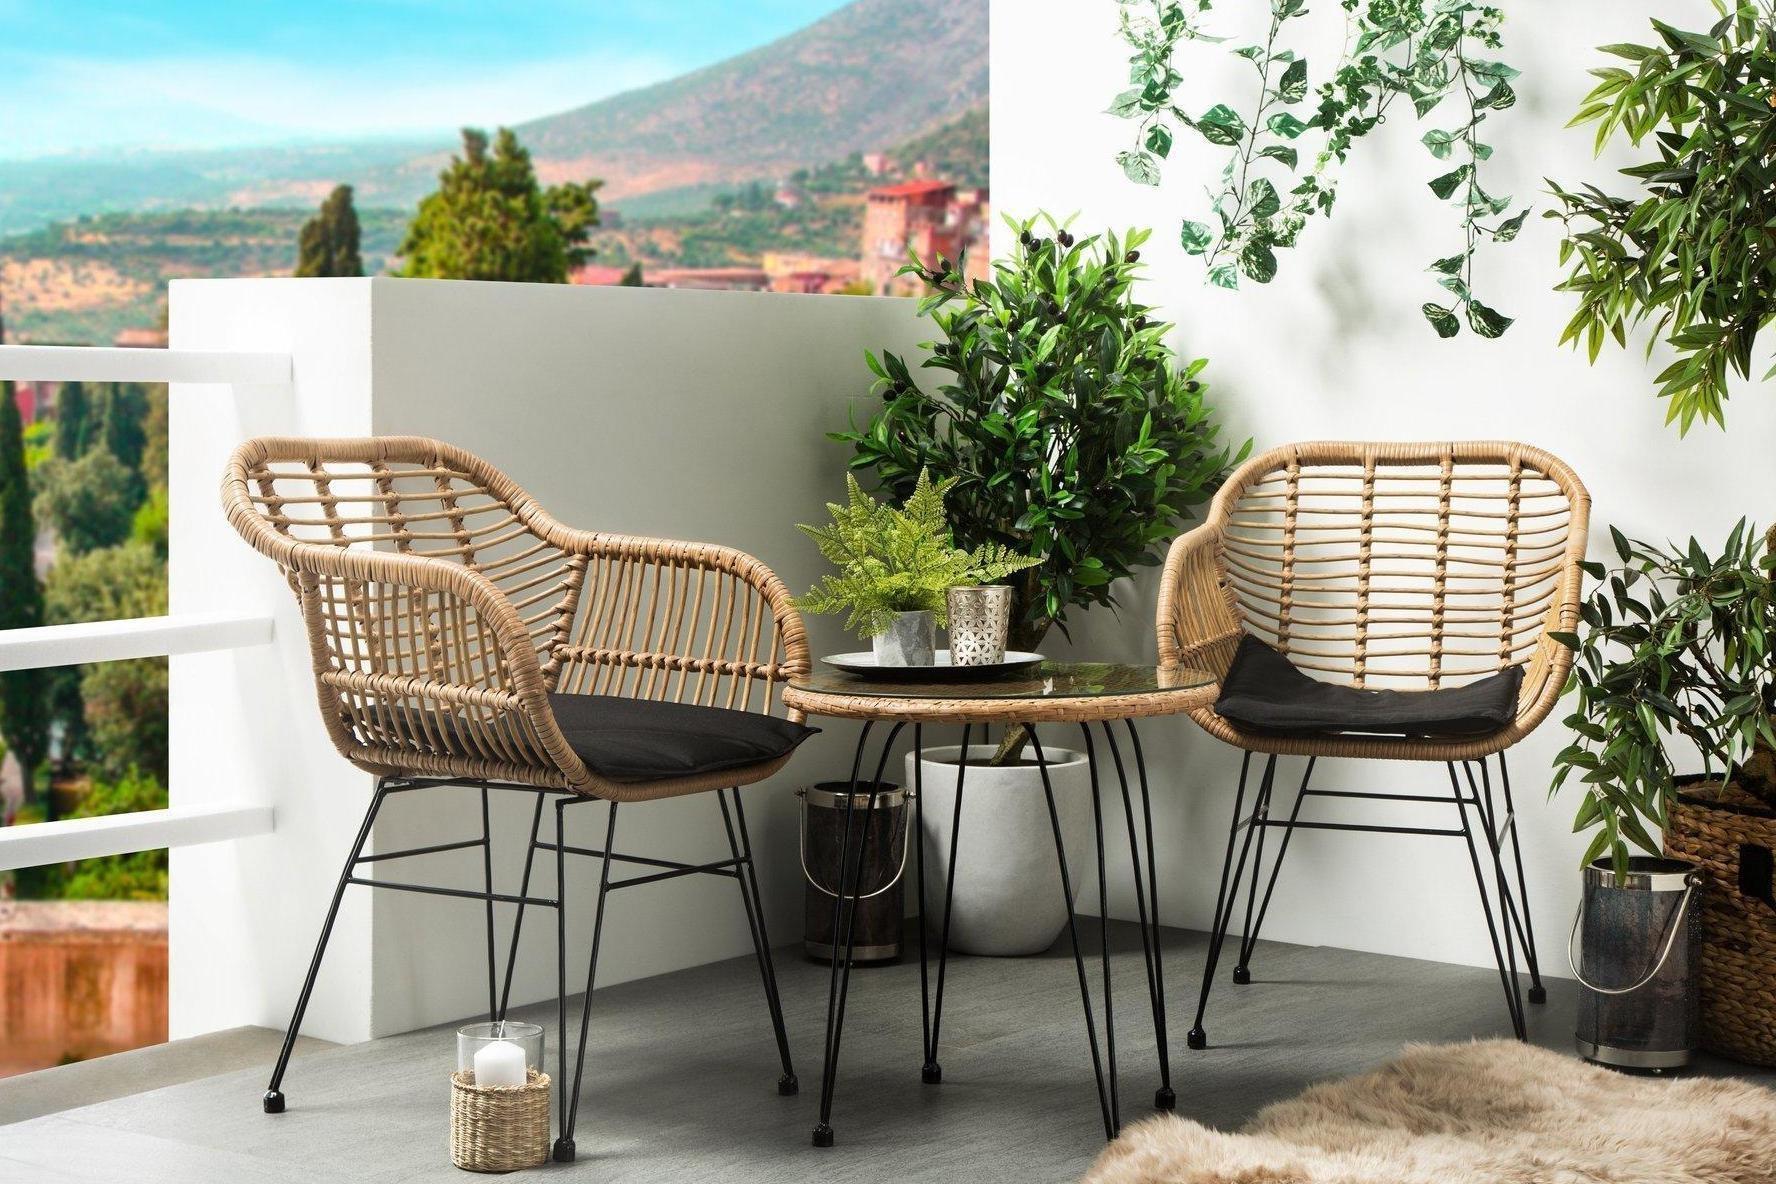 Le mobilier est l'accent principal ici, mais les plantes et les bougies créent cette atmosphère particulière.